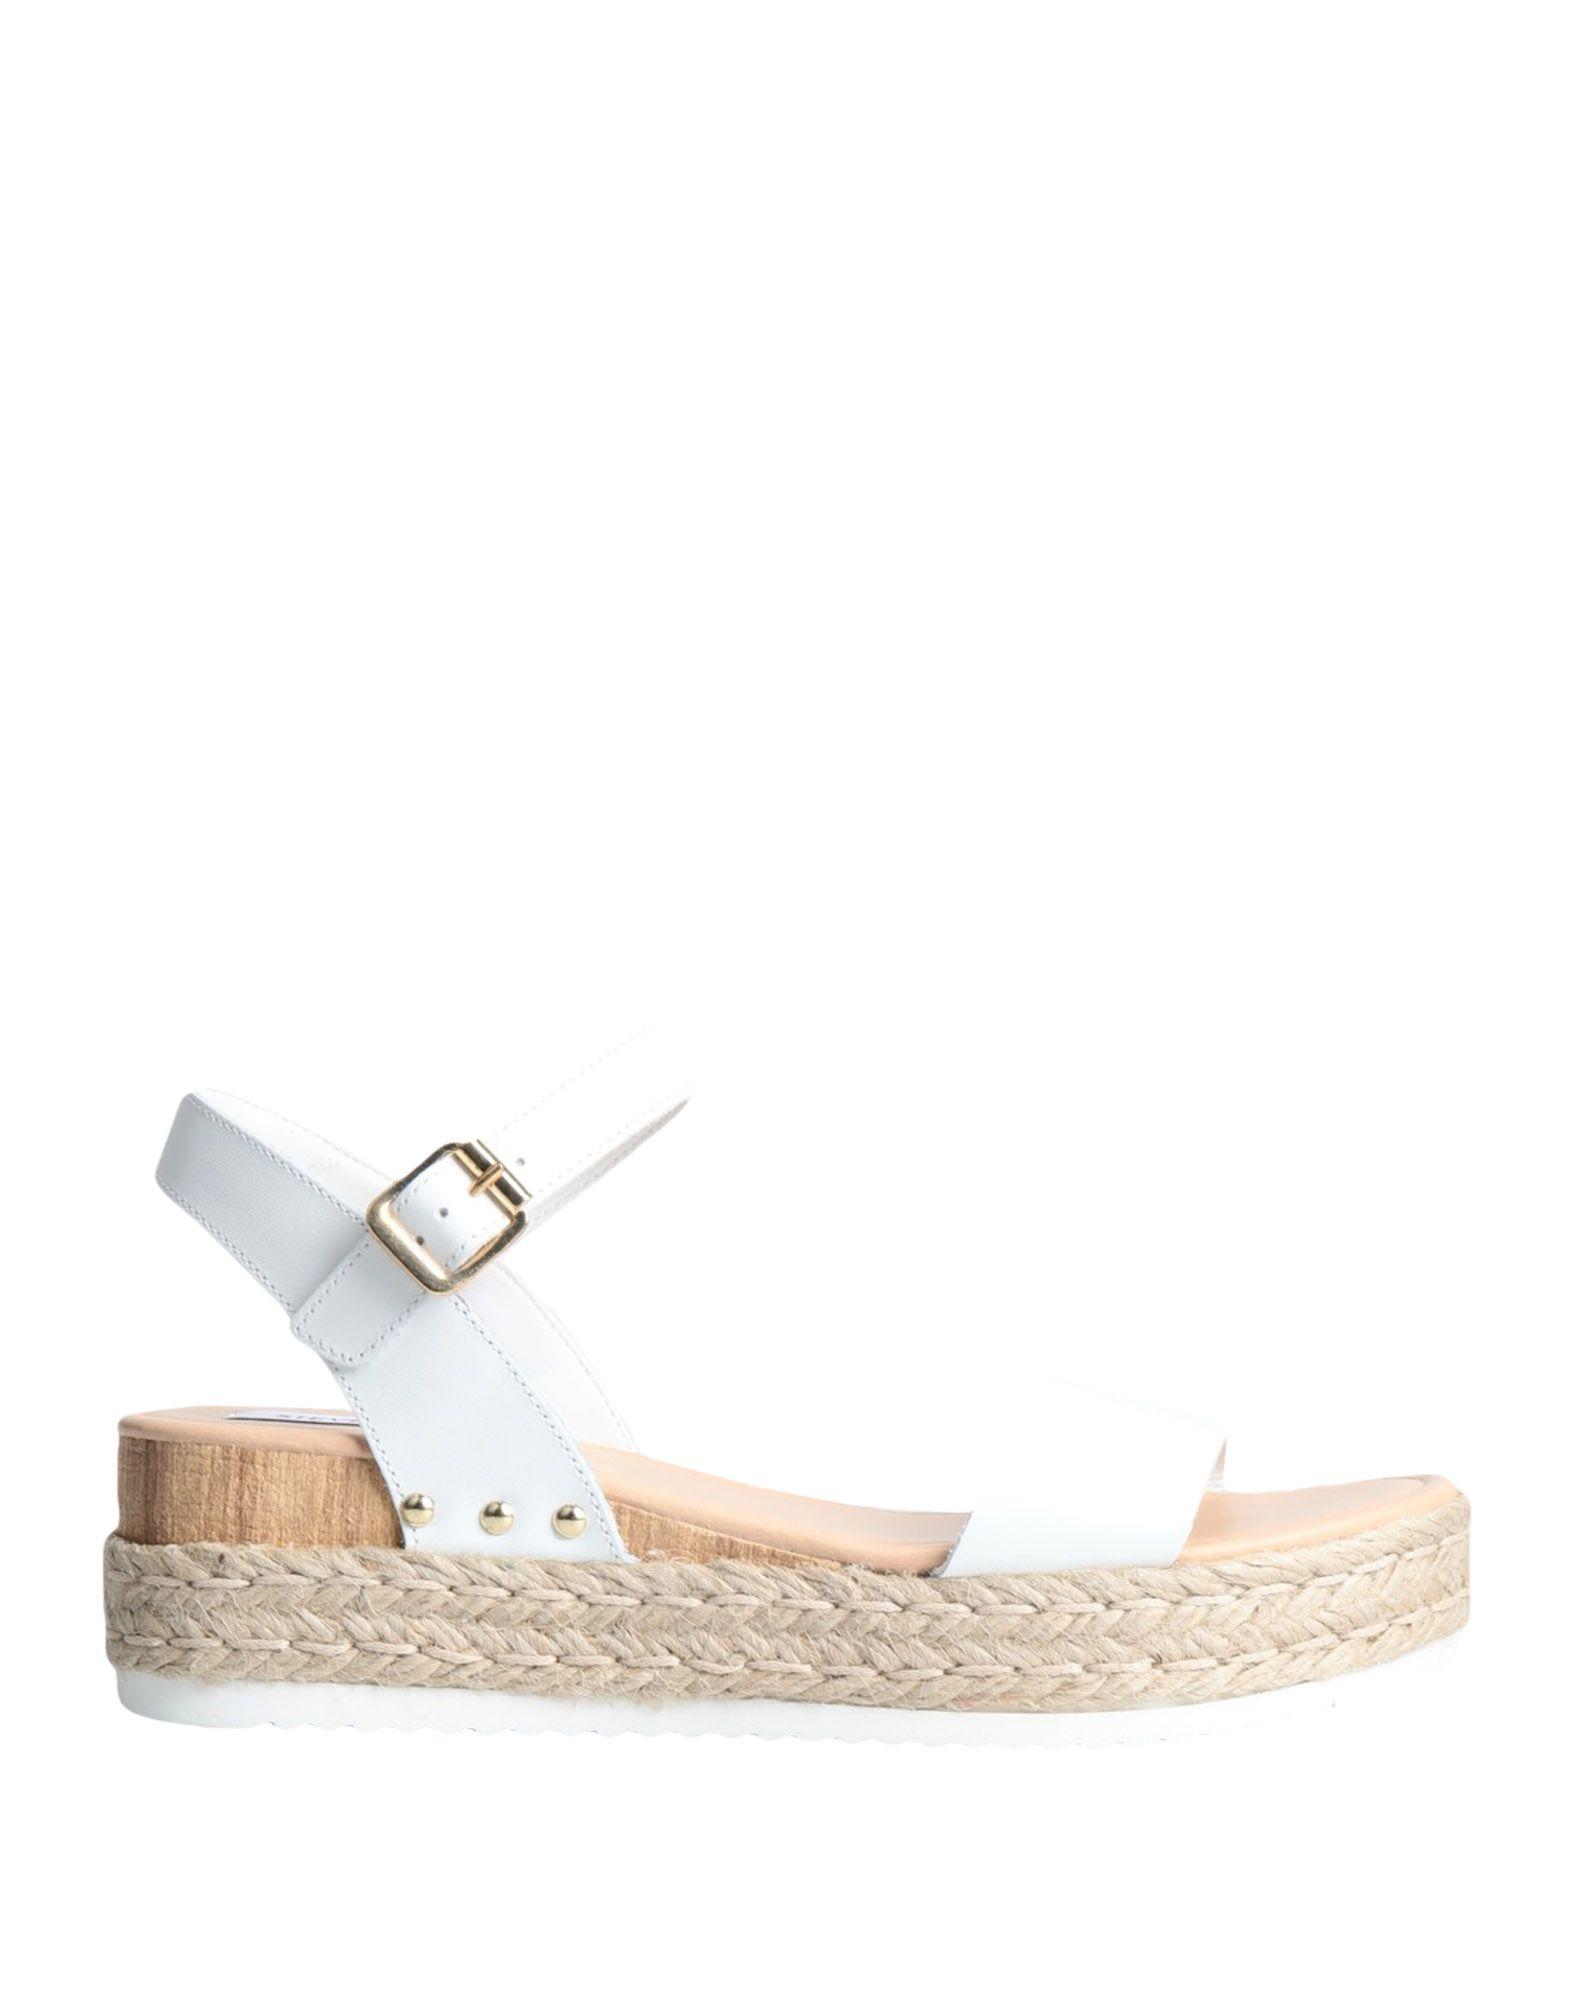 steve madden white sole sandals